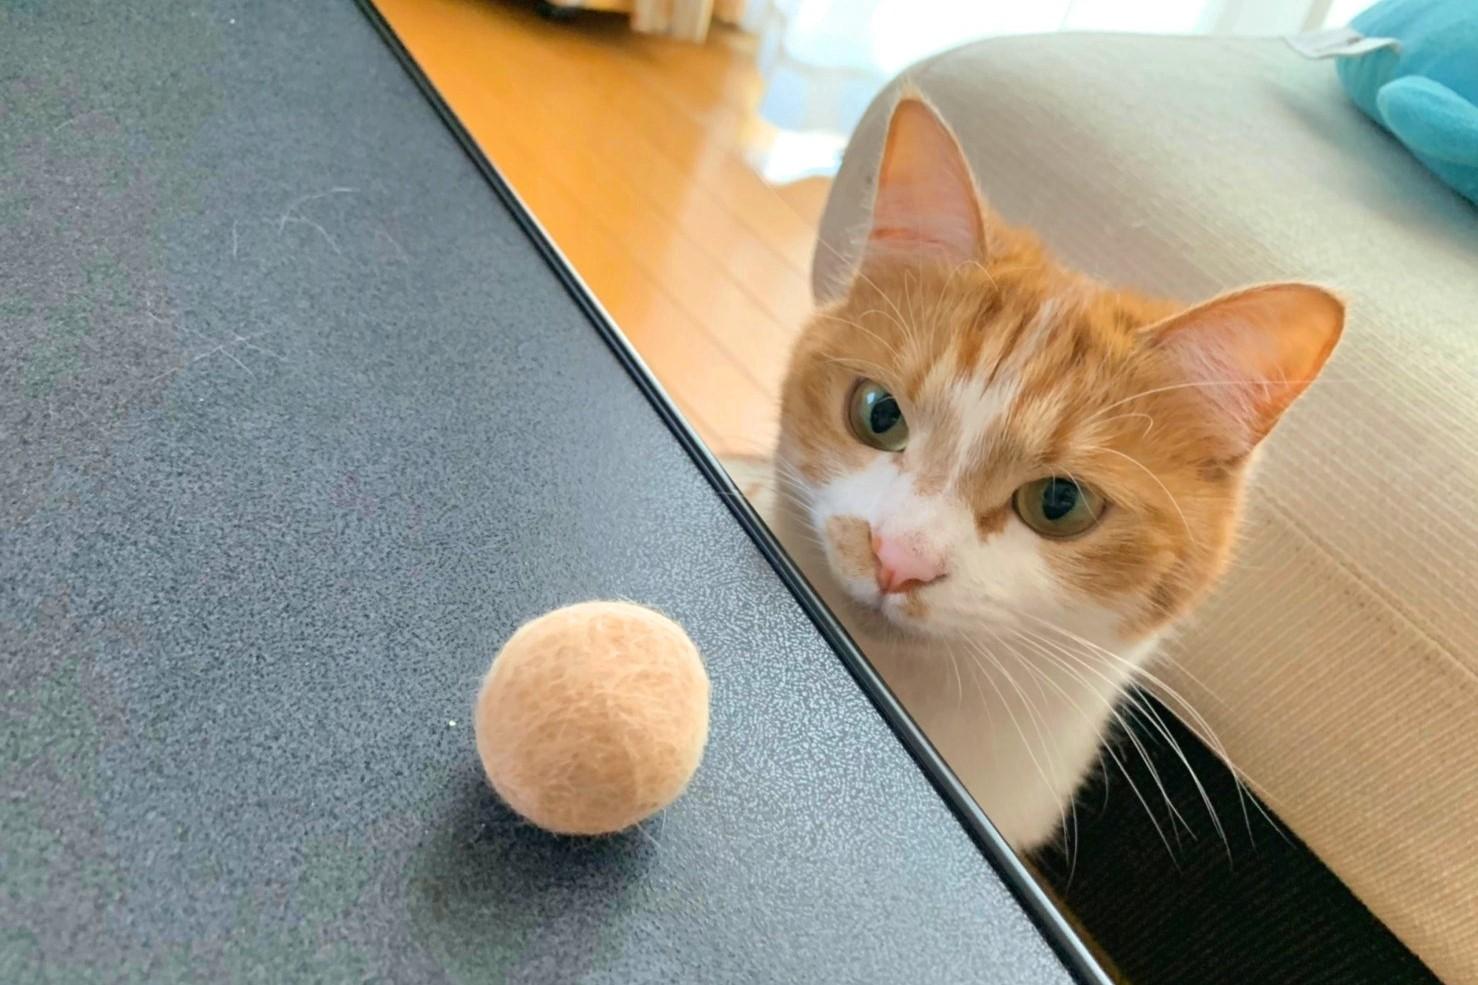 毛玉ボールを見つめる「こはる」ちゃん【写真提供:Honobono Cat(@cat_honobono)さん】